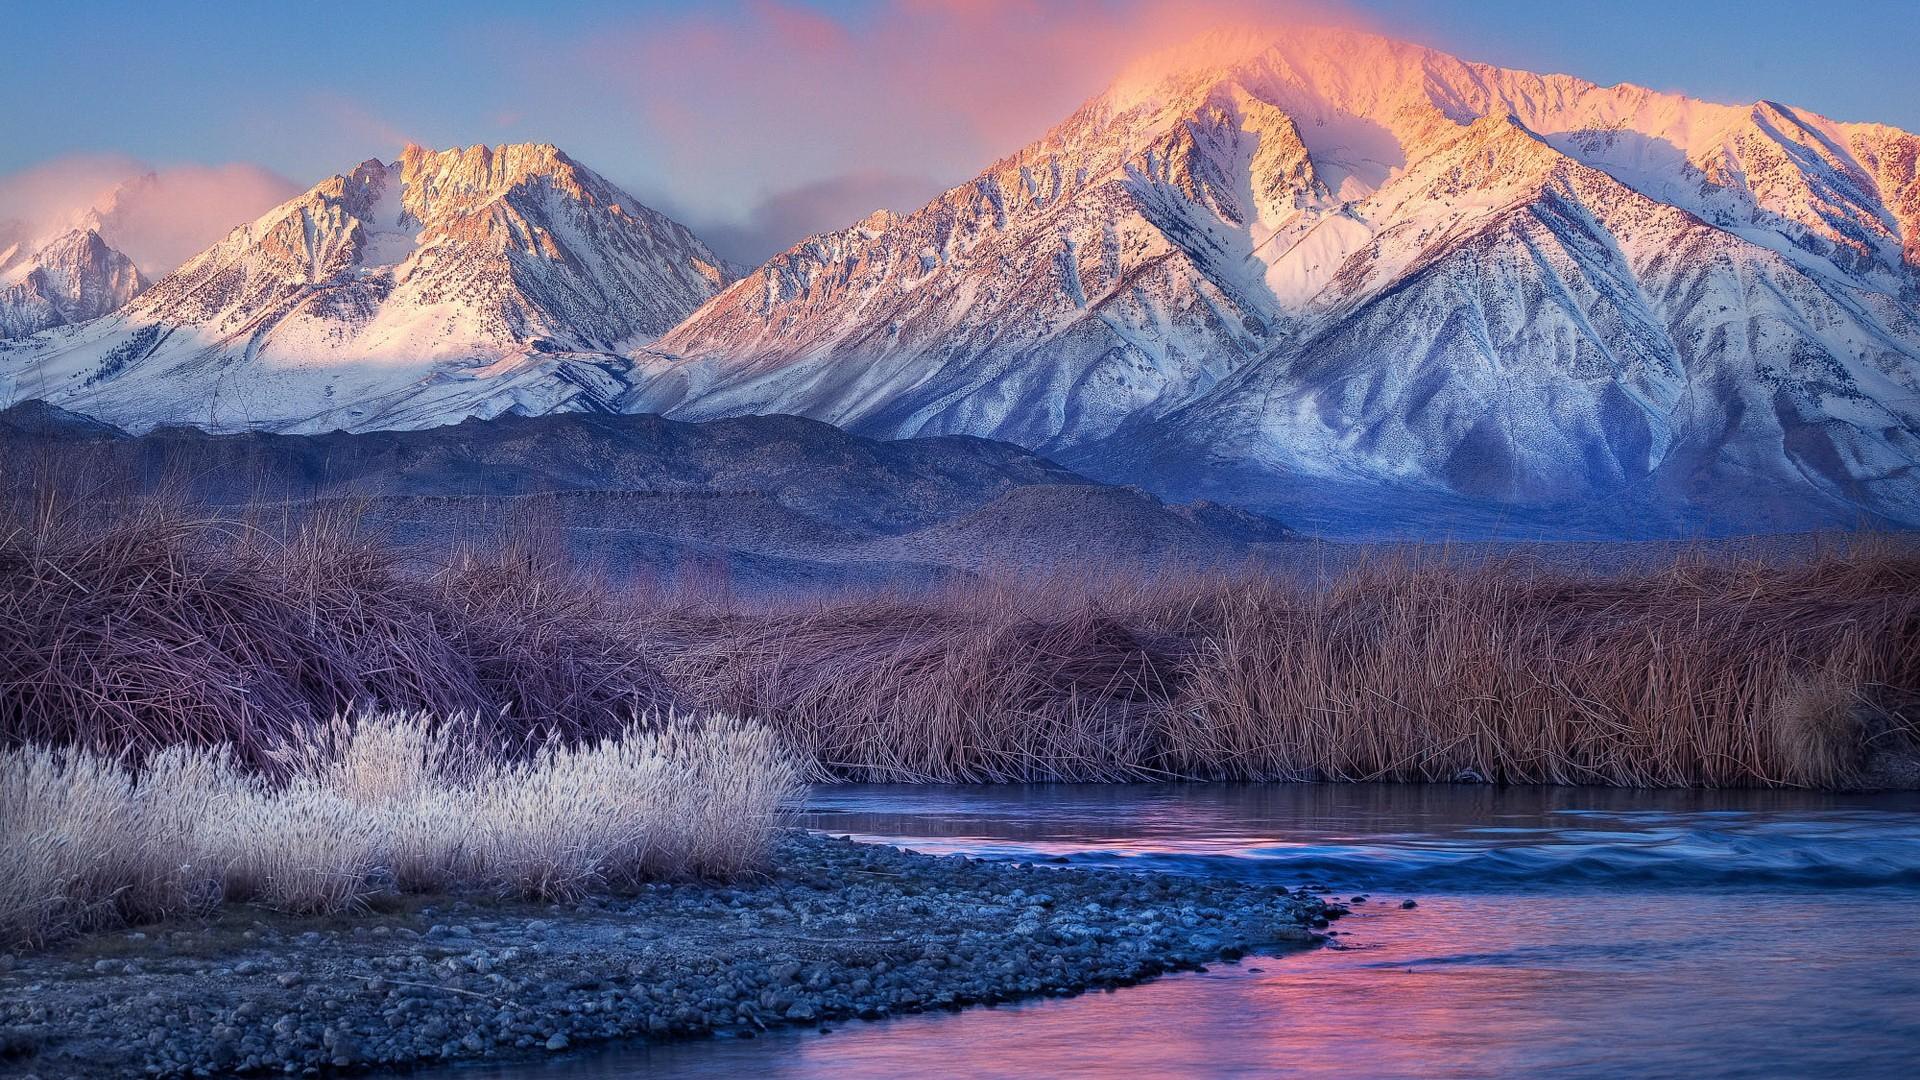 Sunset on Snow Clad Mountains